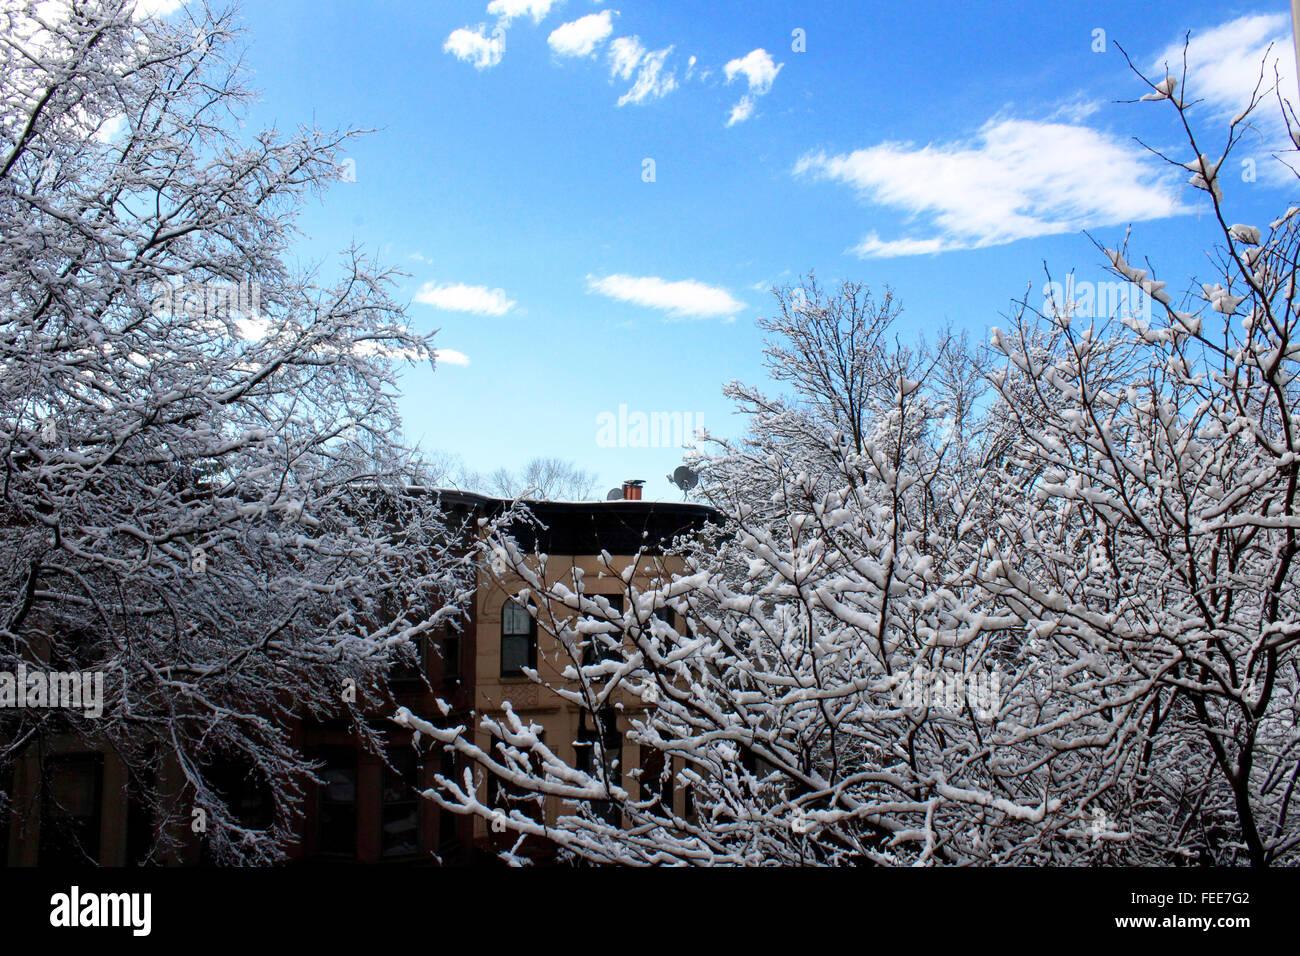 Schnee bedeckten Baum mit blauem Himmel und Wolken Stockbild